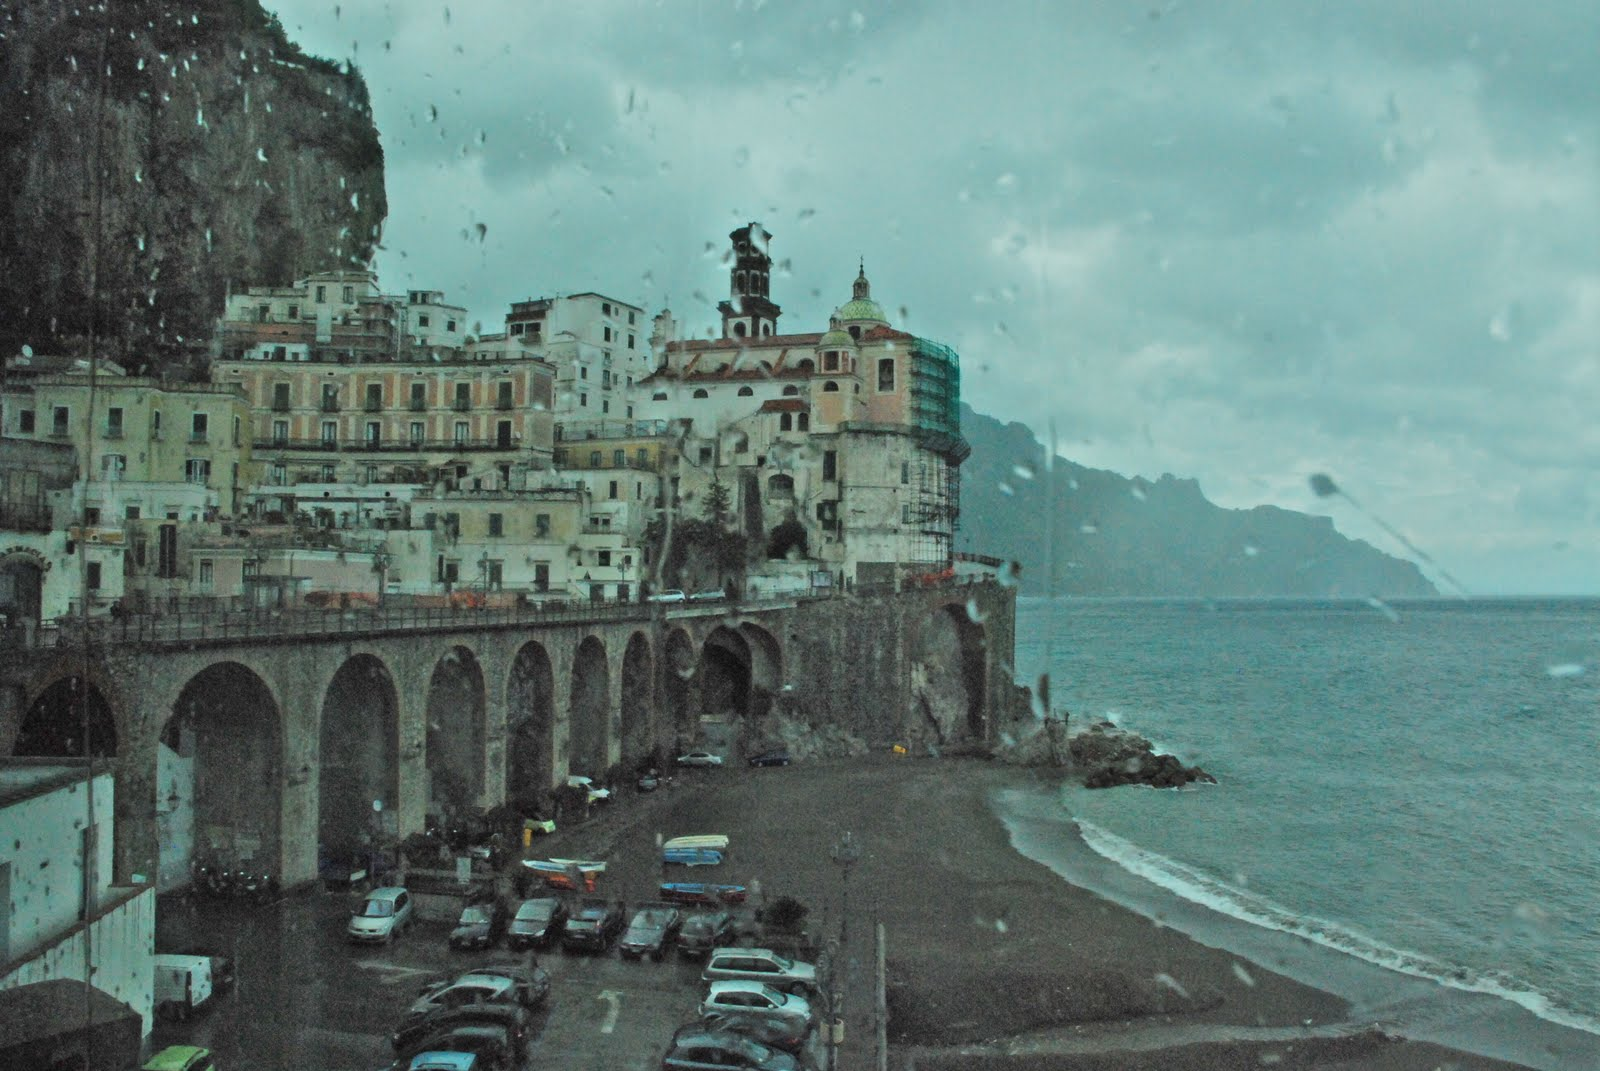 Forever a pilgrim civitavecchia rome italy - Getting from civitavecchia port to rome ...